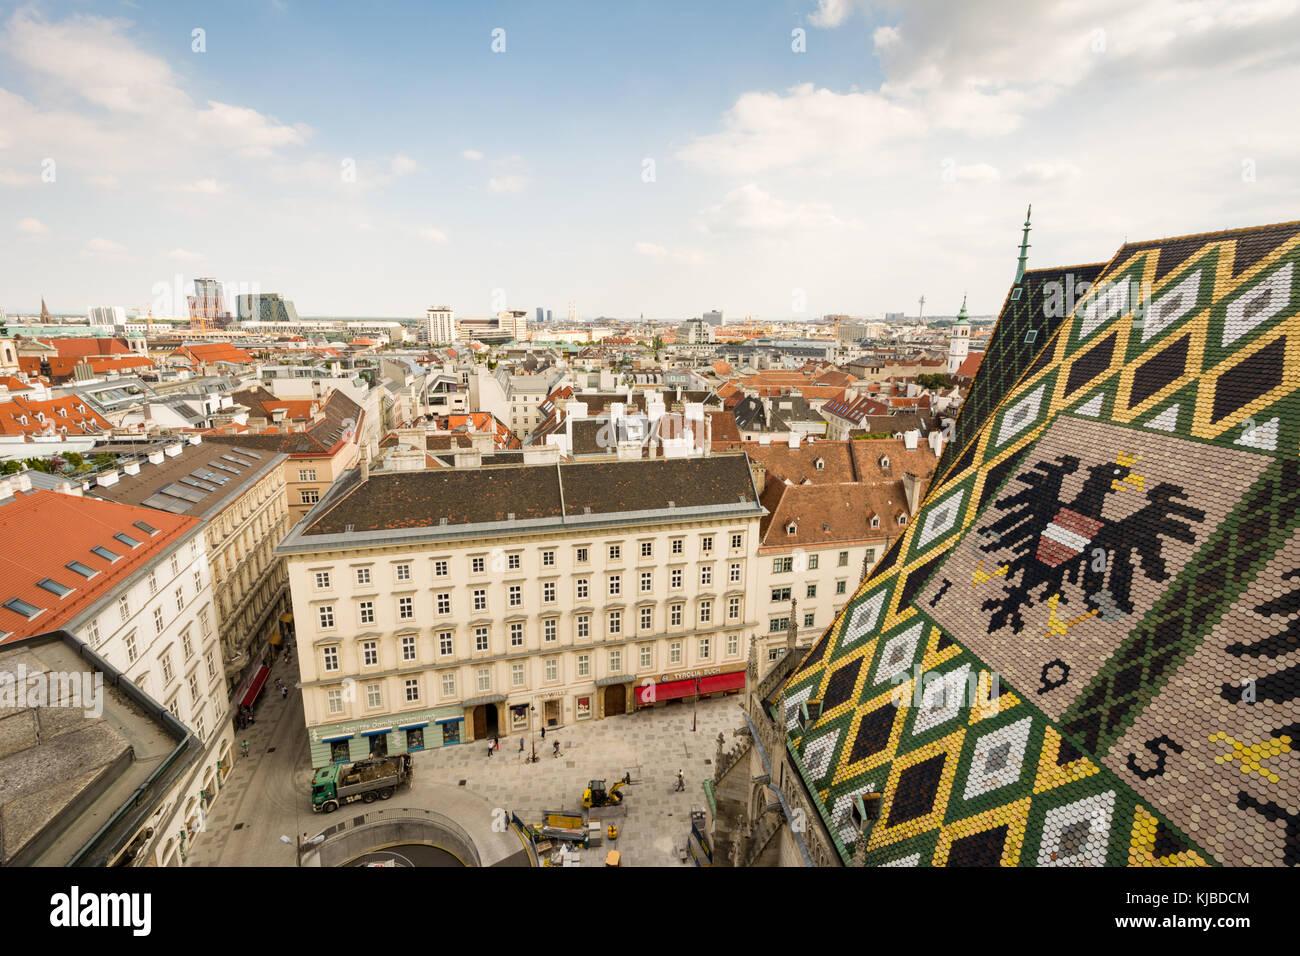 Vienna, Austria - 28 agosto: st. di Santo Stefano e la veduta aerea della città di Vienna, Austria il 28 agosto Immagini Stock